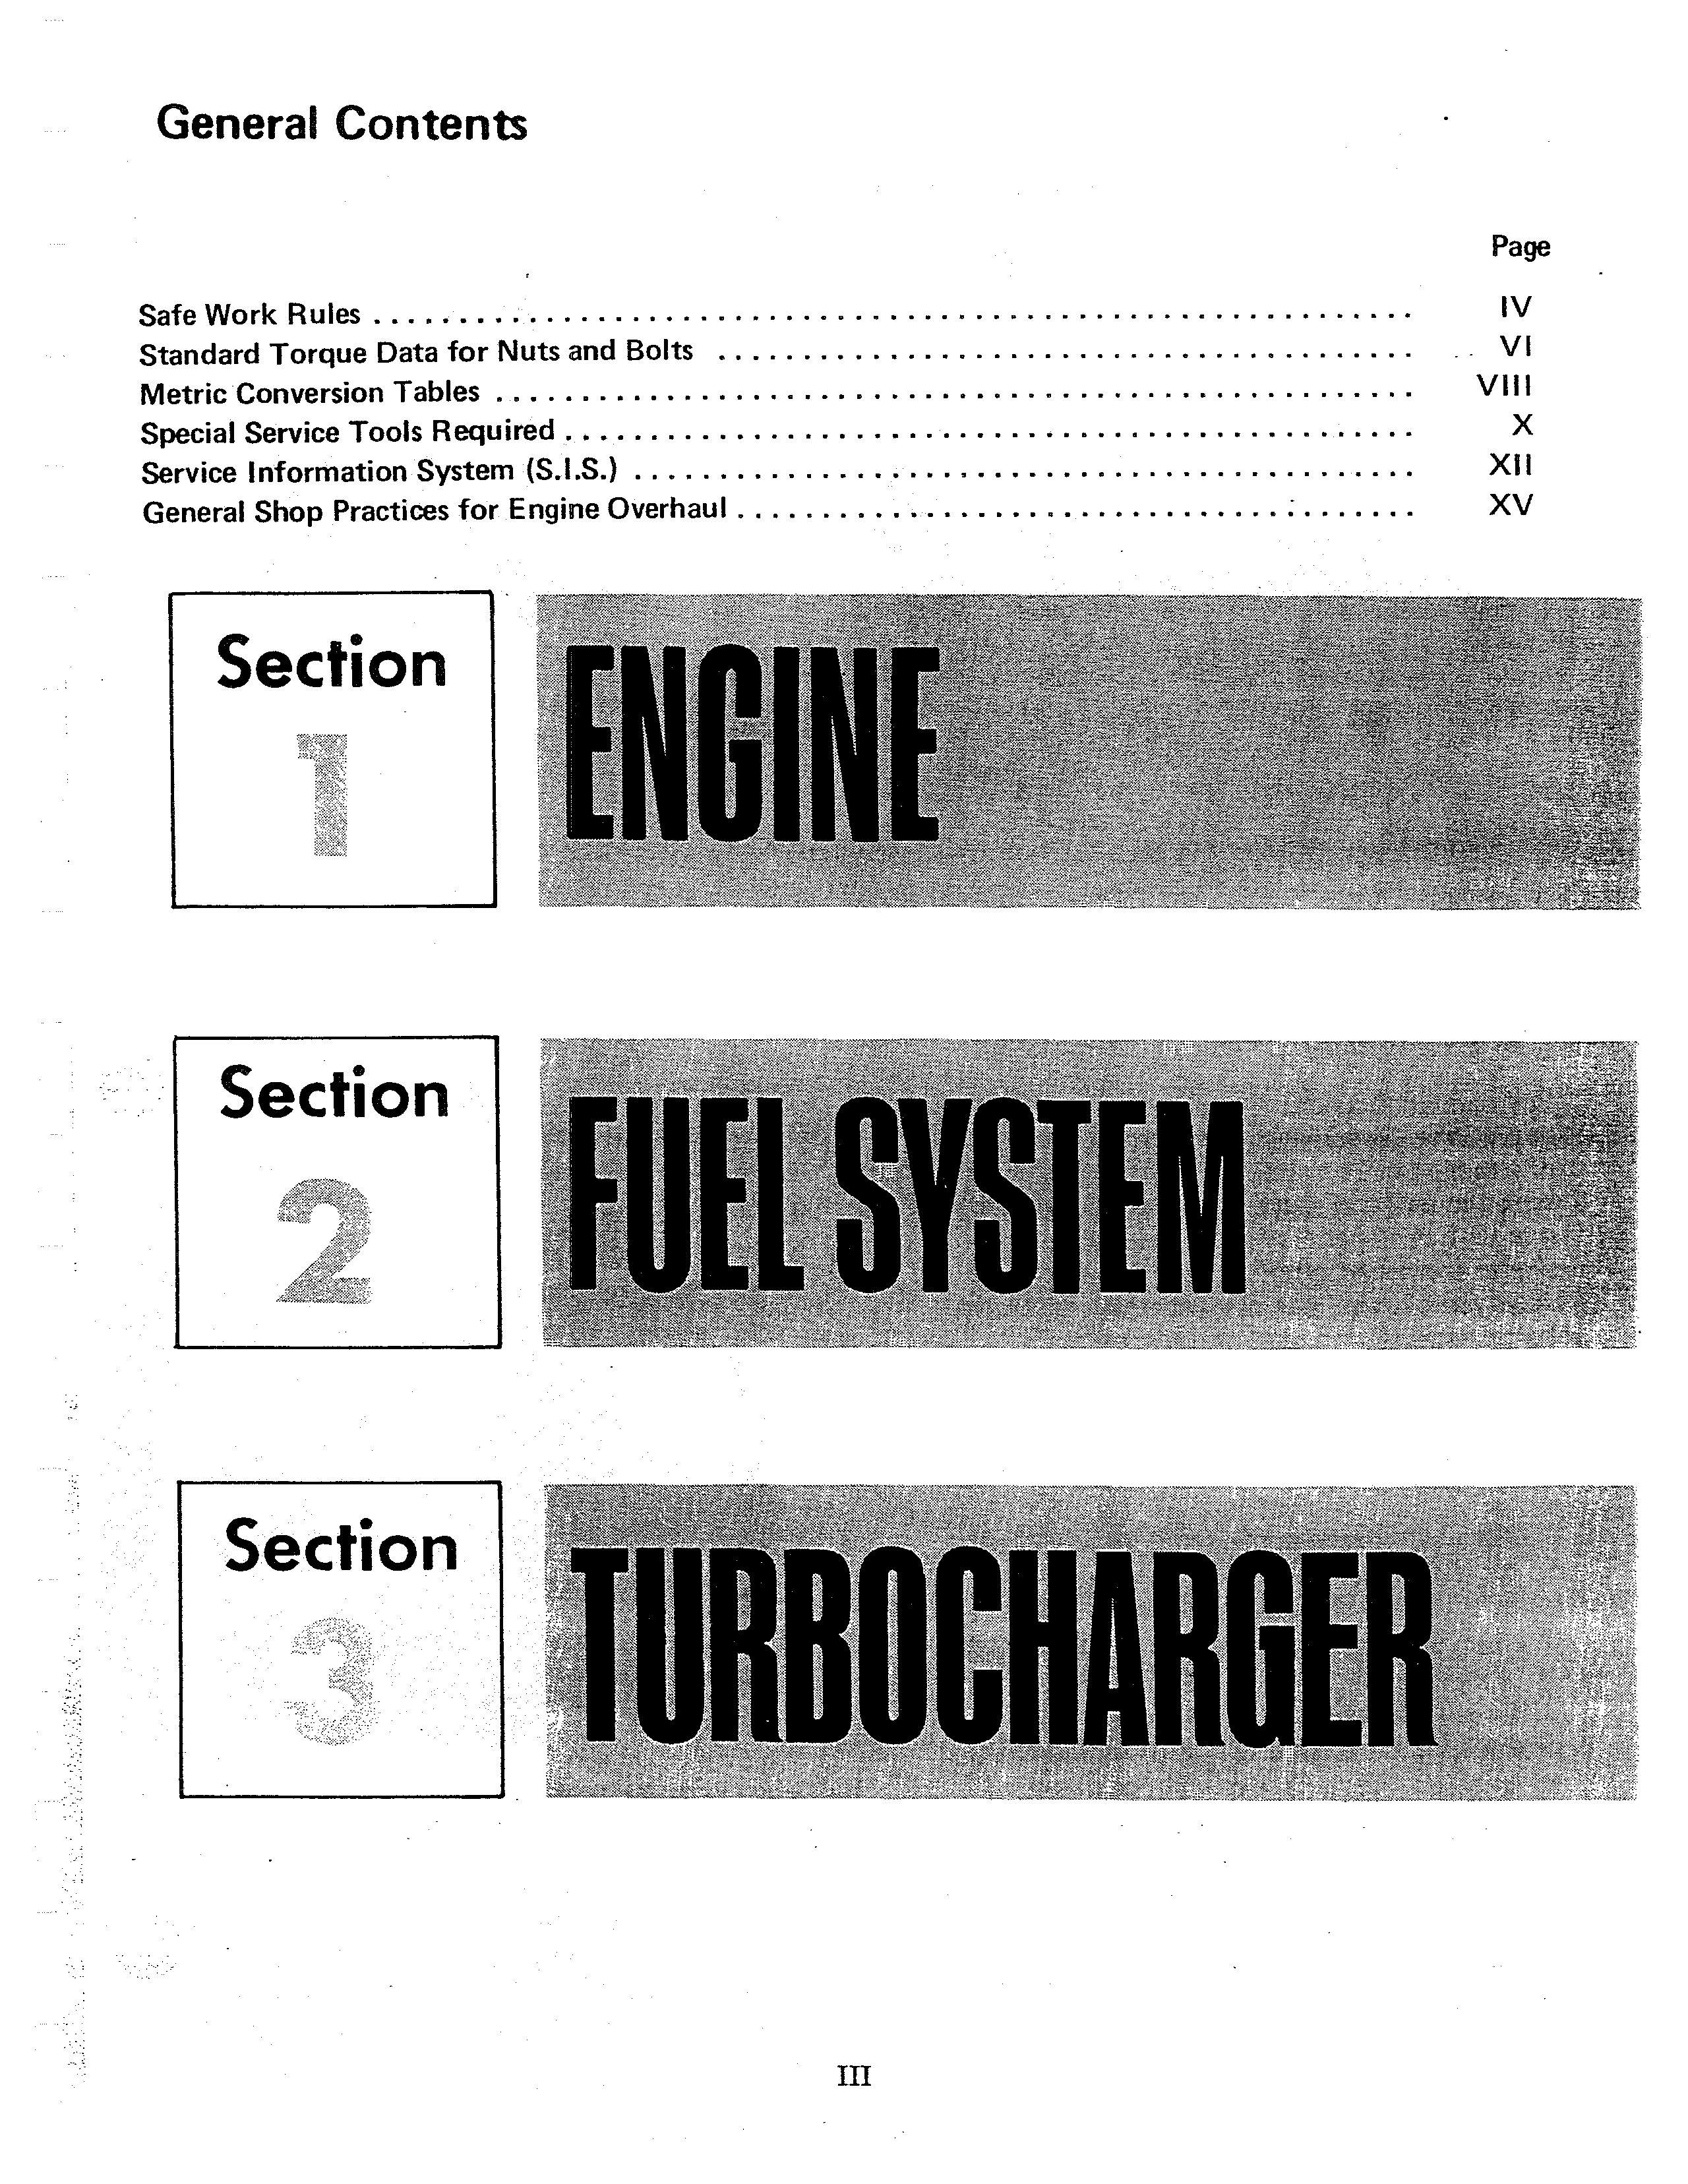 IH Diesel Engine D155 D179 D206 D239 D268 D310 D358 Manual